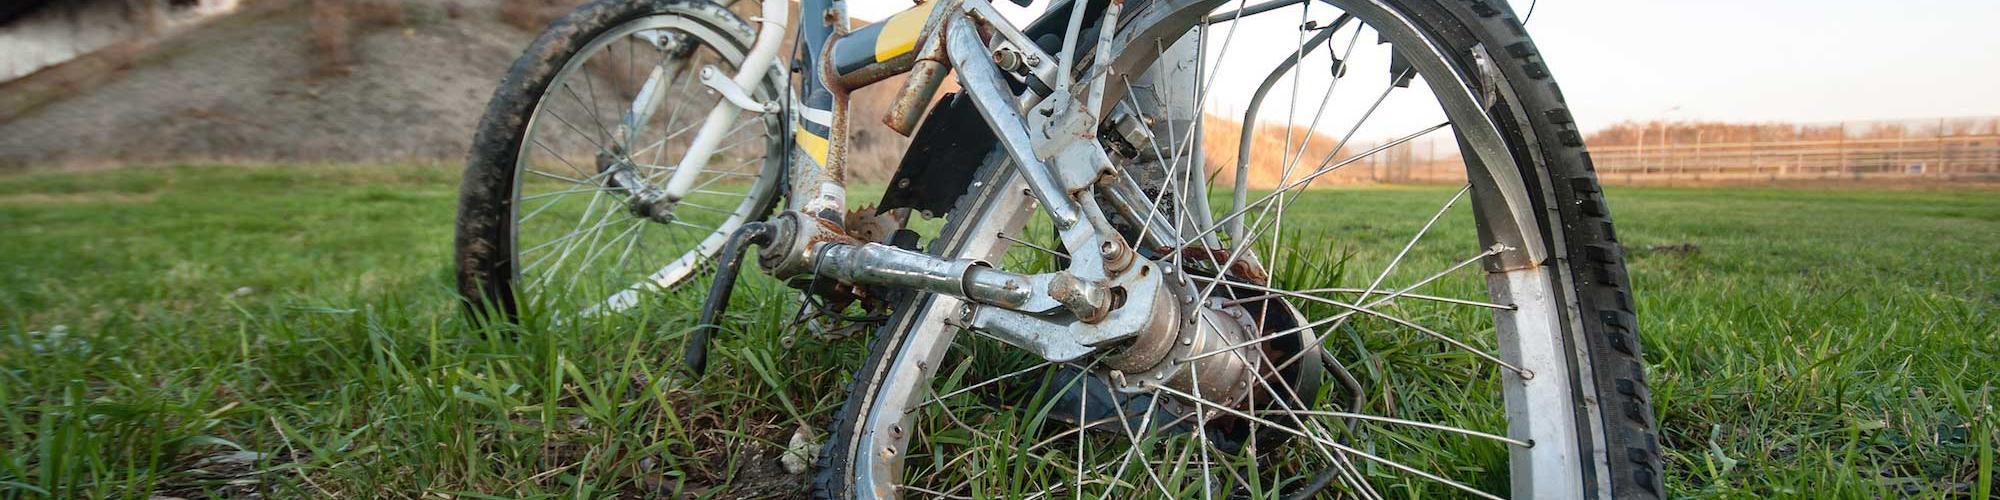 bike-crash1